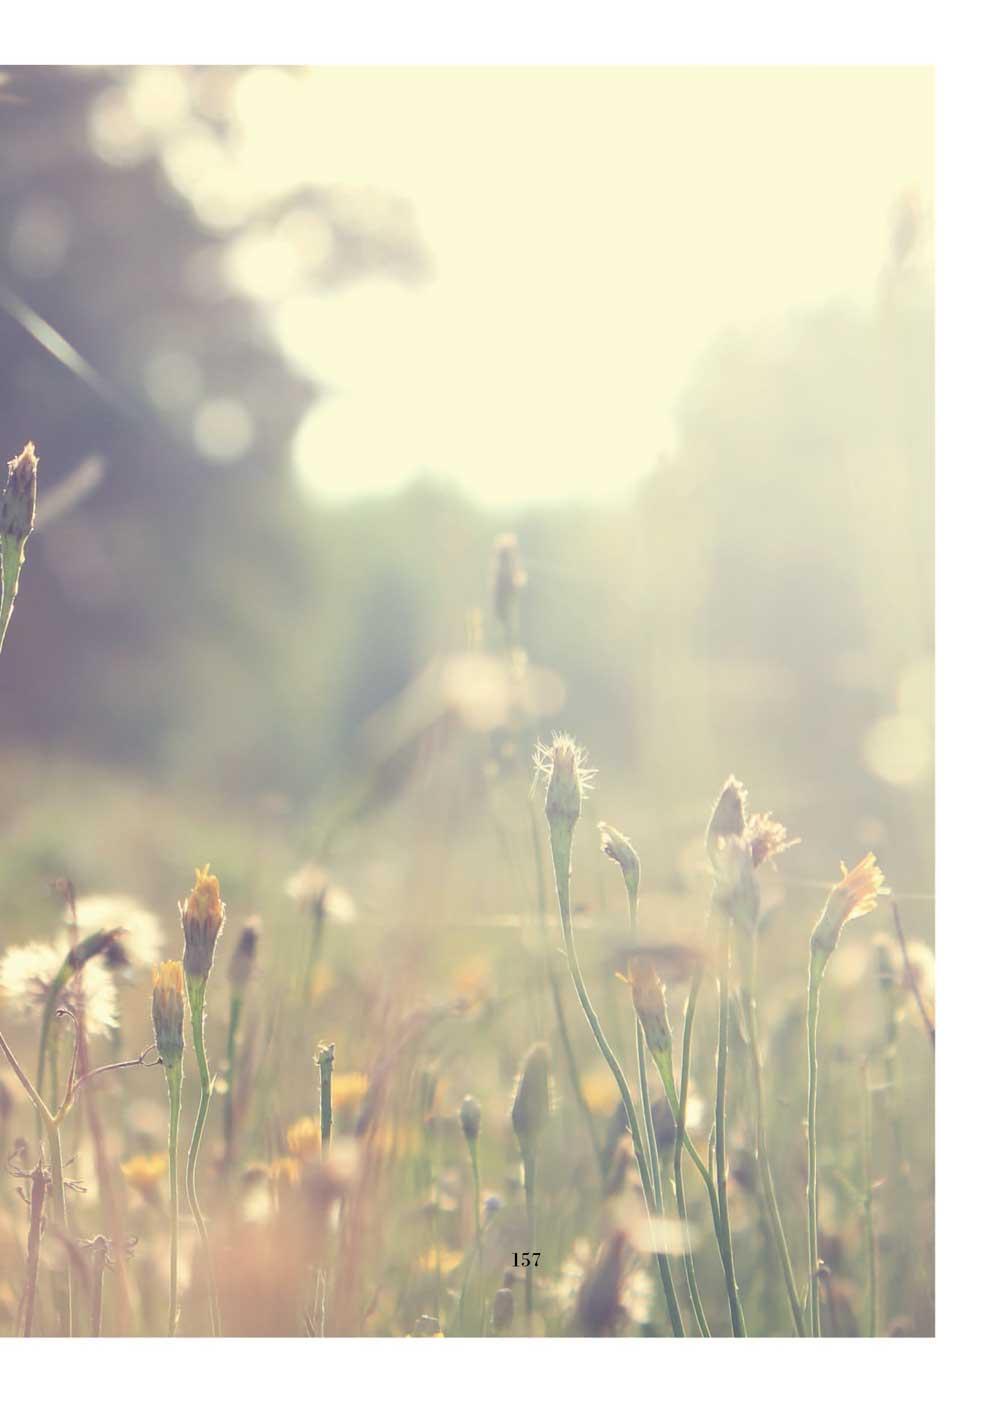 ◤博客來BOOKS◢ 暢銷書榜《推薦》今天書寫幸福:阿德勒的99個幸福與正向訊息